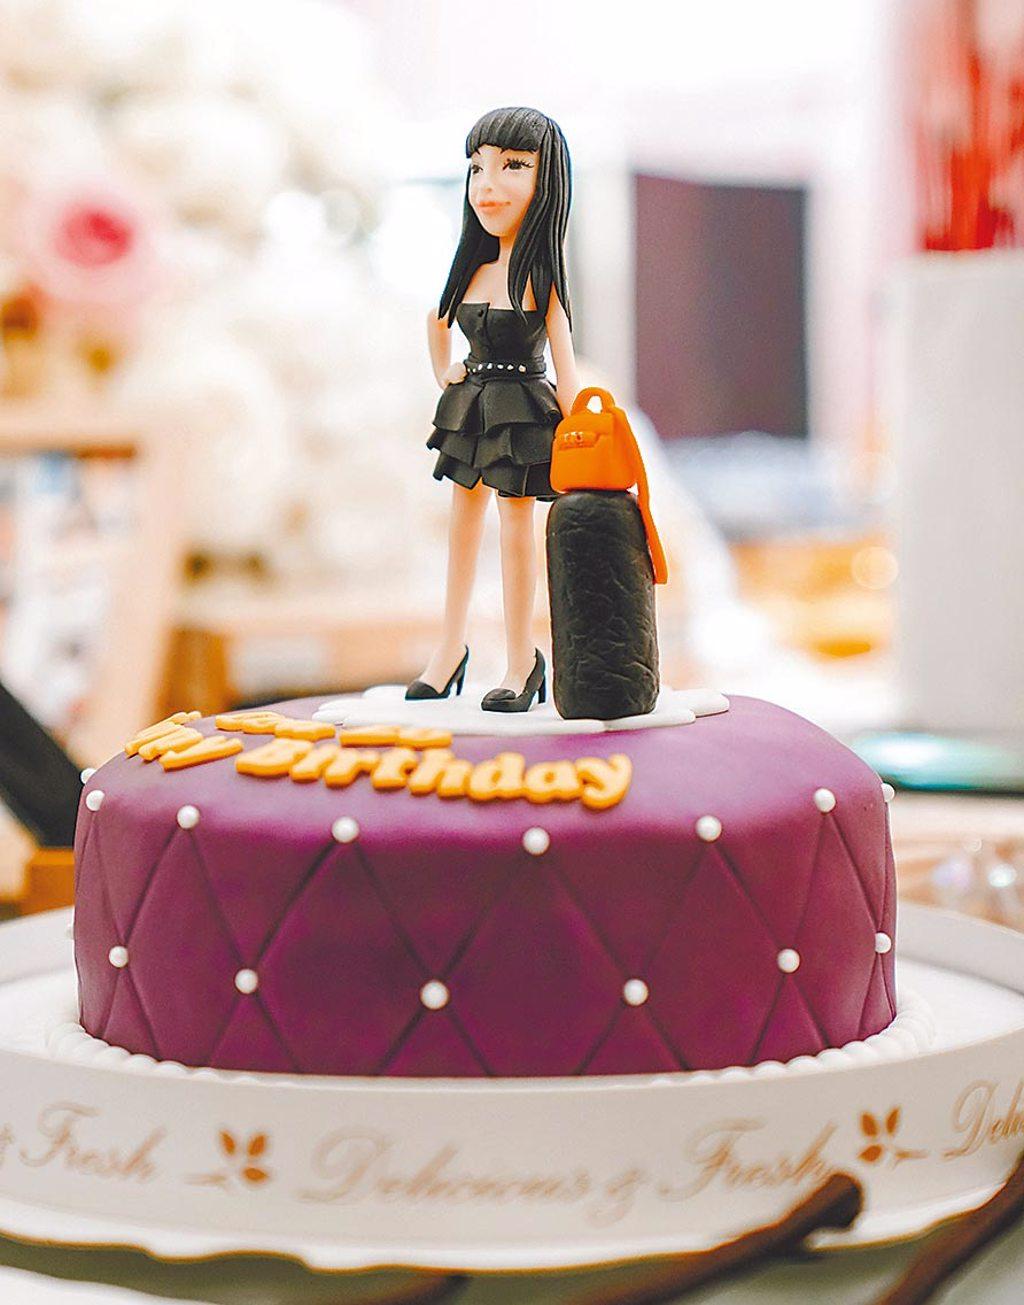 于美人與Makiyo昨精心準備翻糖蛋糕。(冬瓜行旅提供)